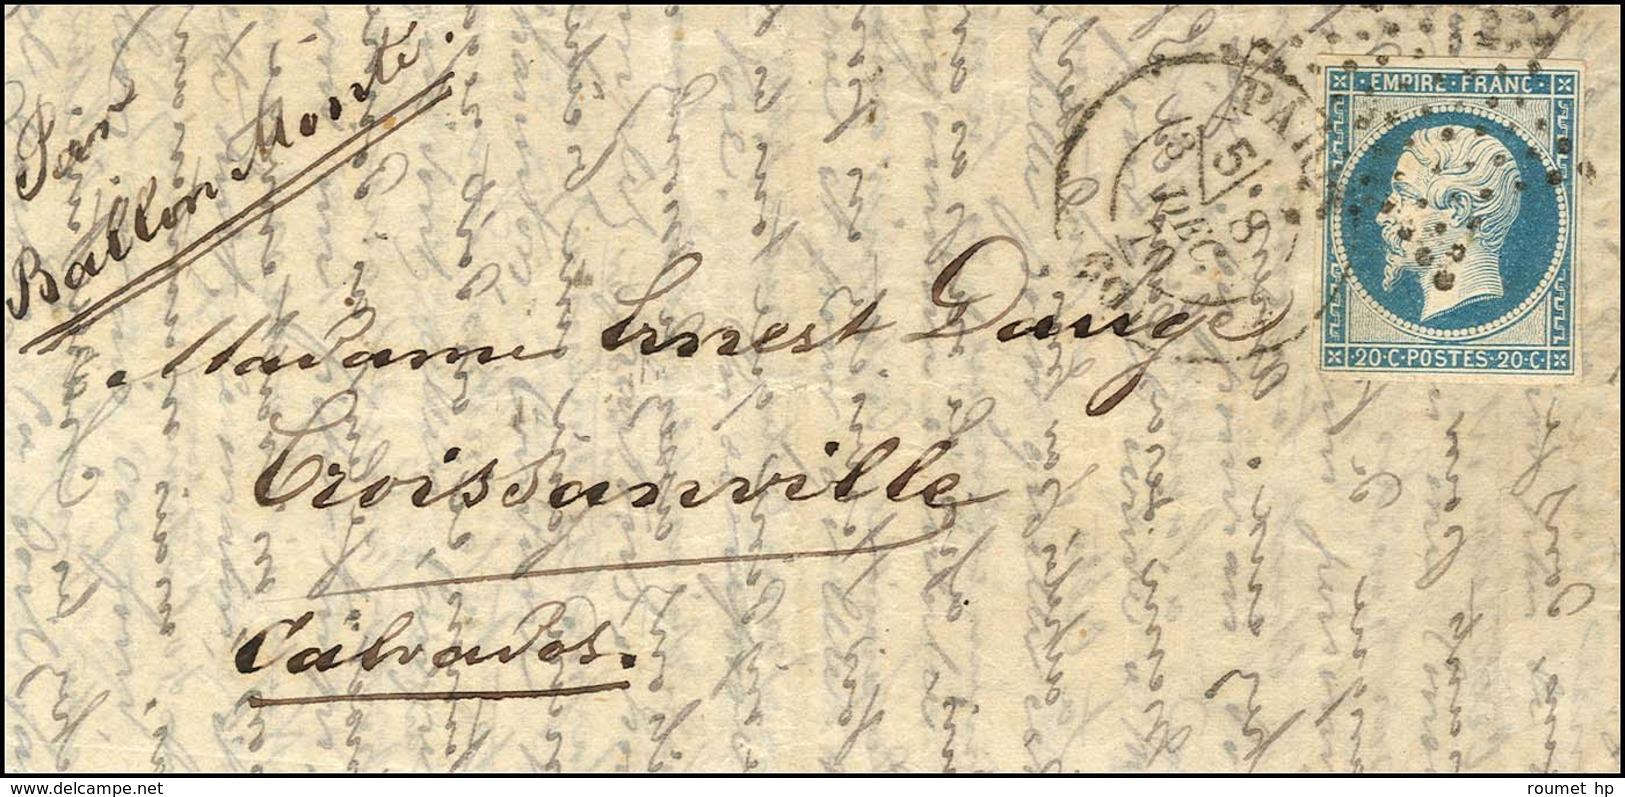 Etoile / N° 14 Type II Càd PARIS (60) (section De Levée) 8 DEC. 70 Sur Lettre Pour Croissanville (13), Au Verso Càd De P - Marcofilia (sobres)